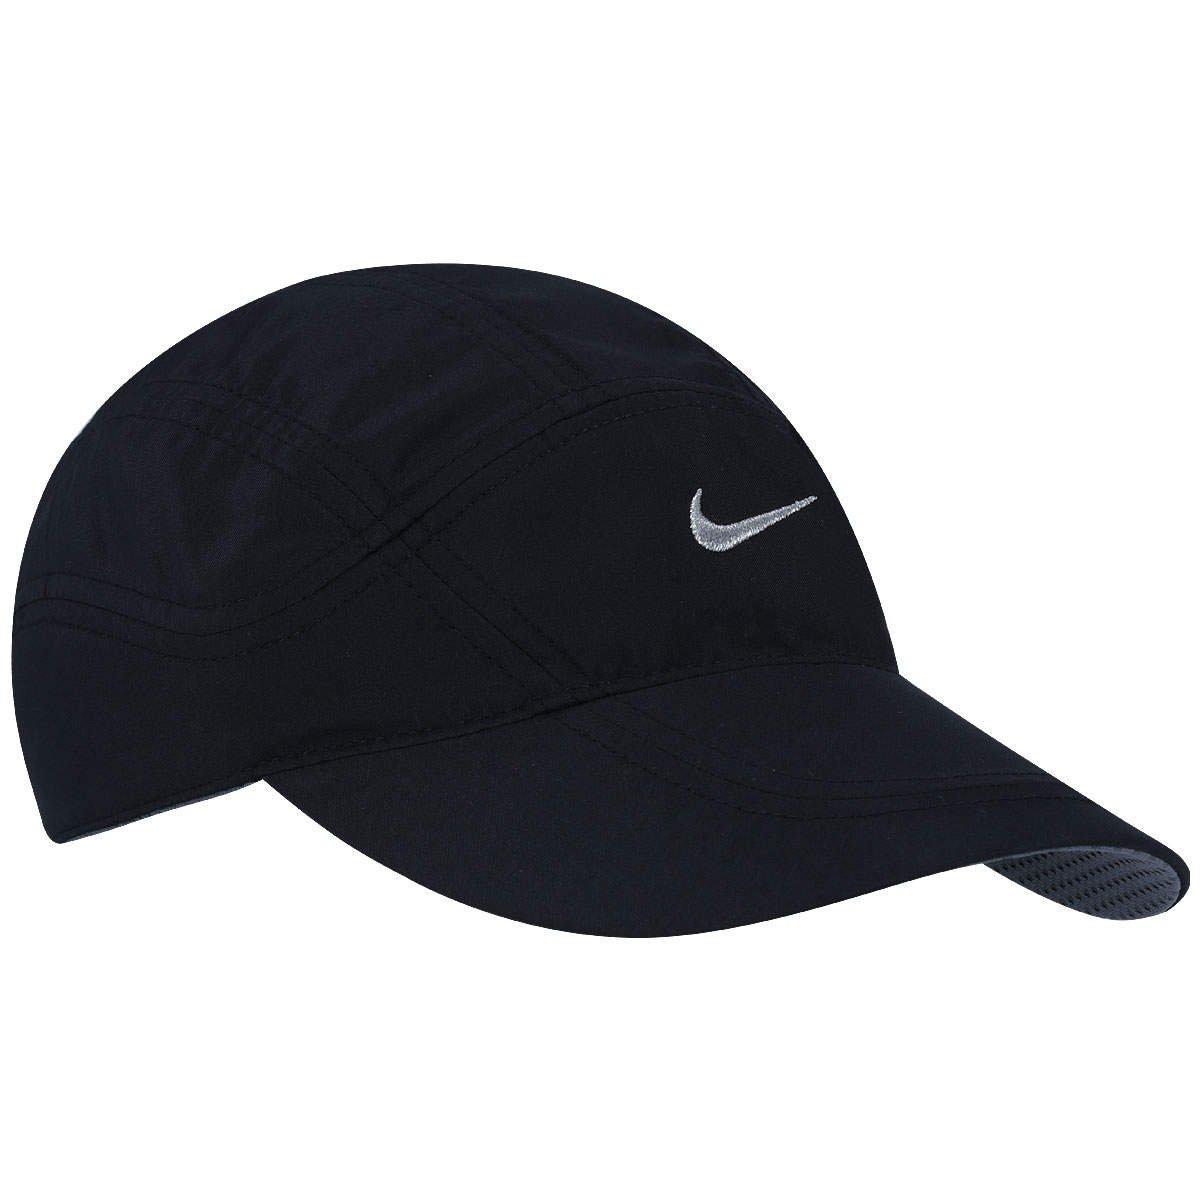 Boné Nike Dri-Fit Spiros Preto - Compre Agora  c94200c54ec